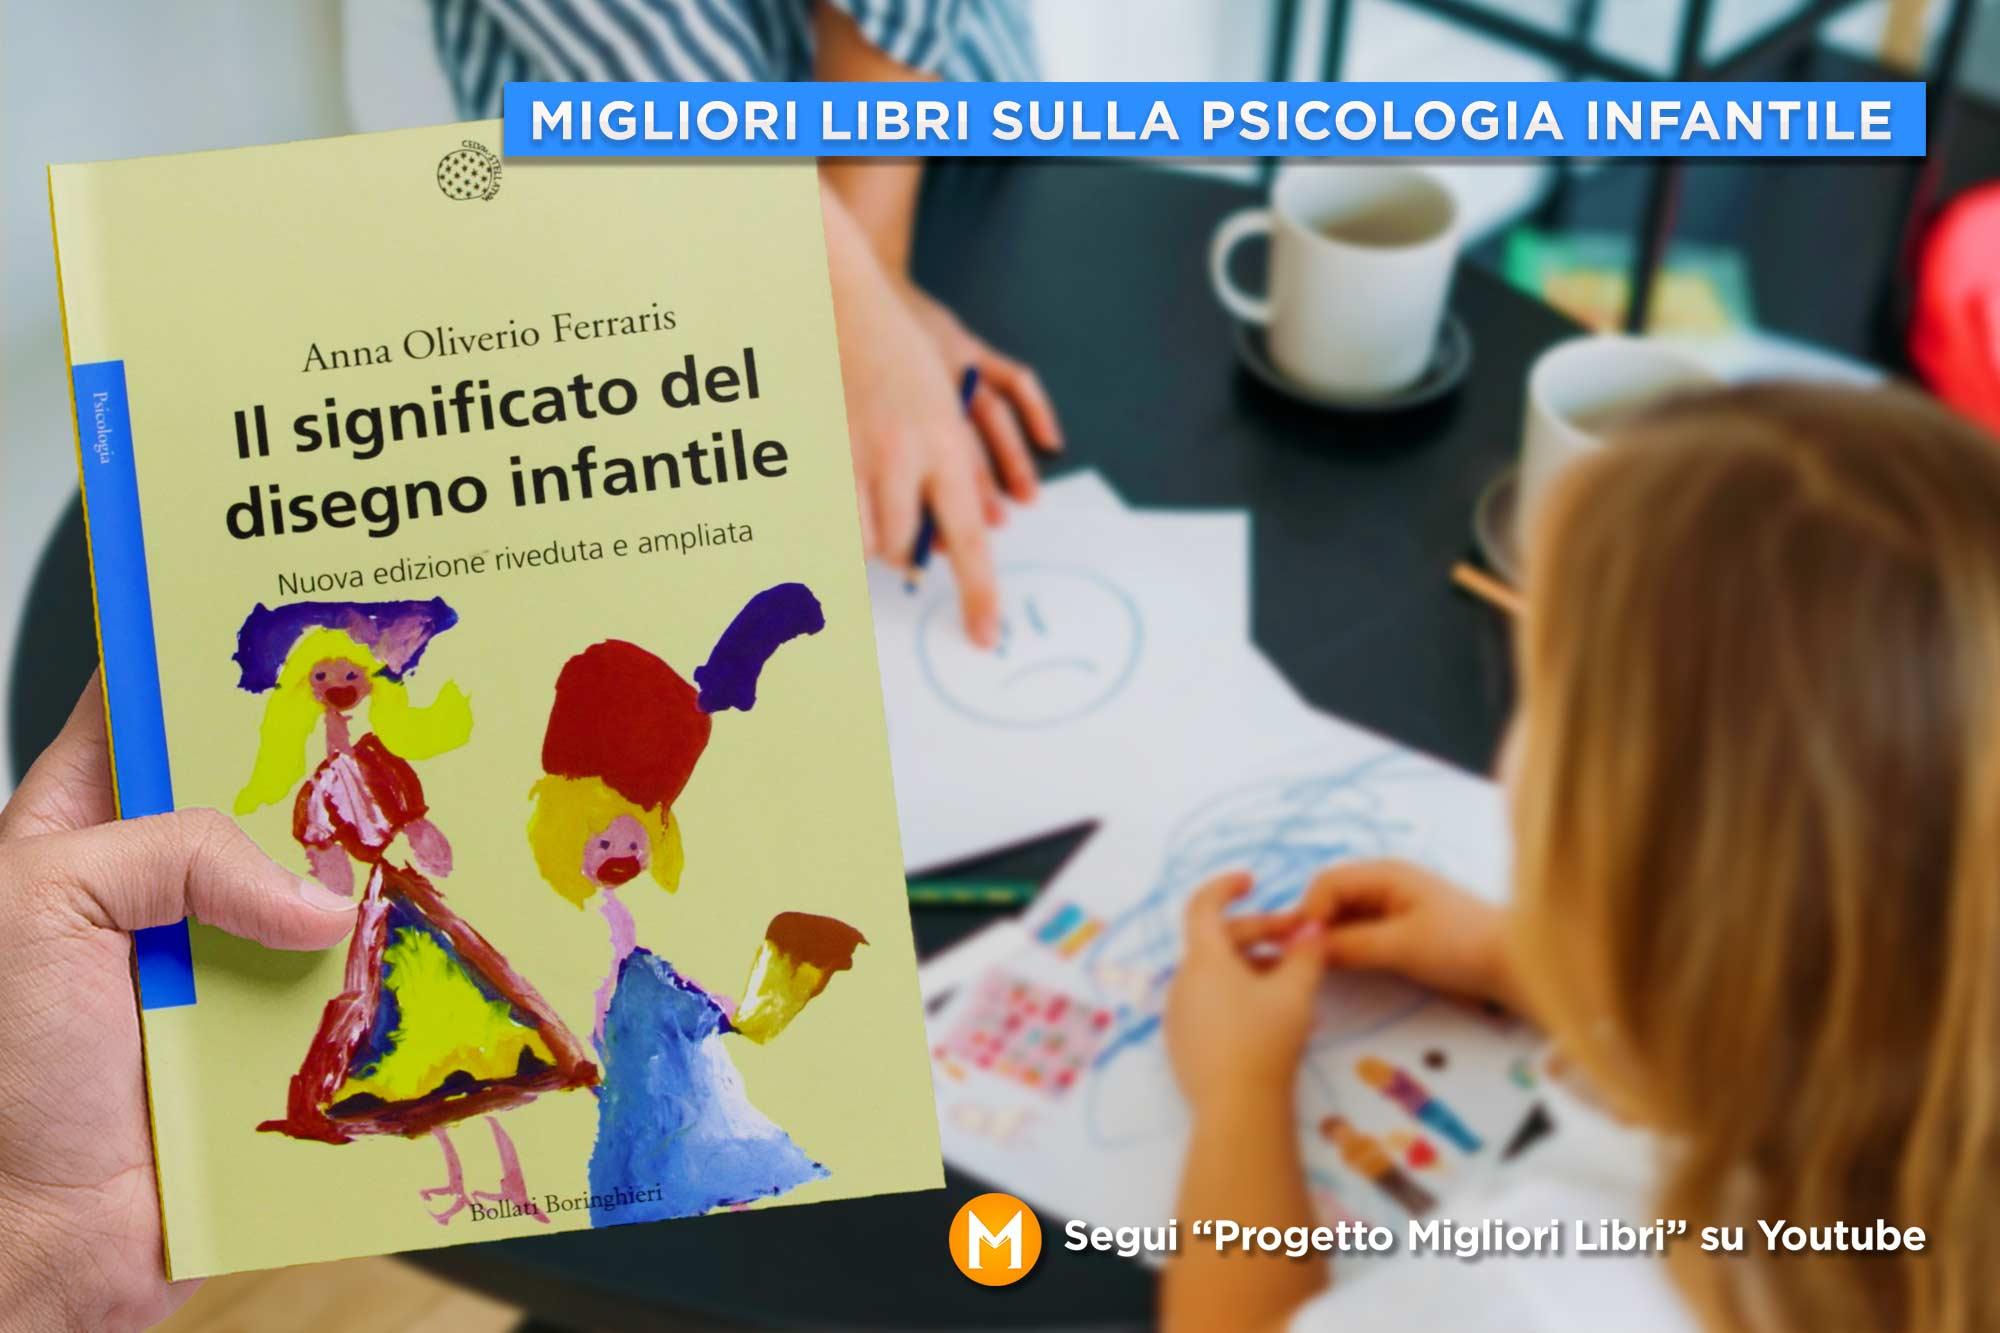 migliori-libri-sulla-psicologia-infantile